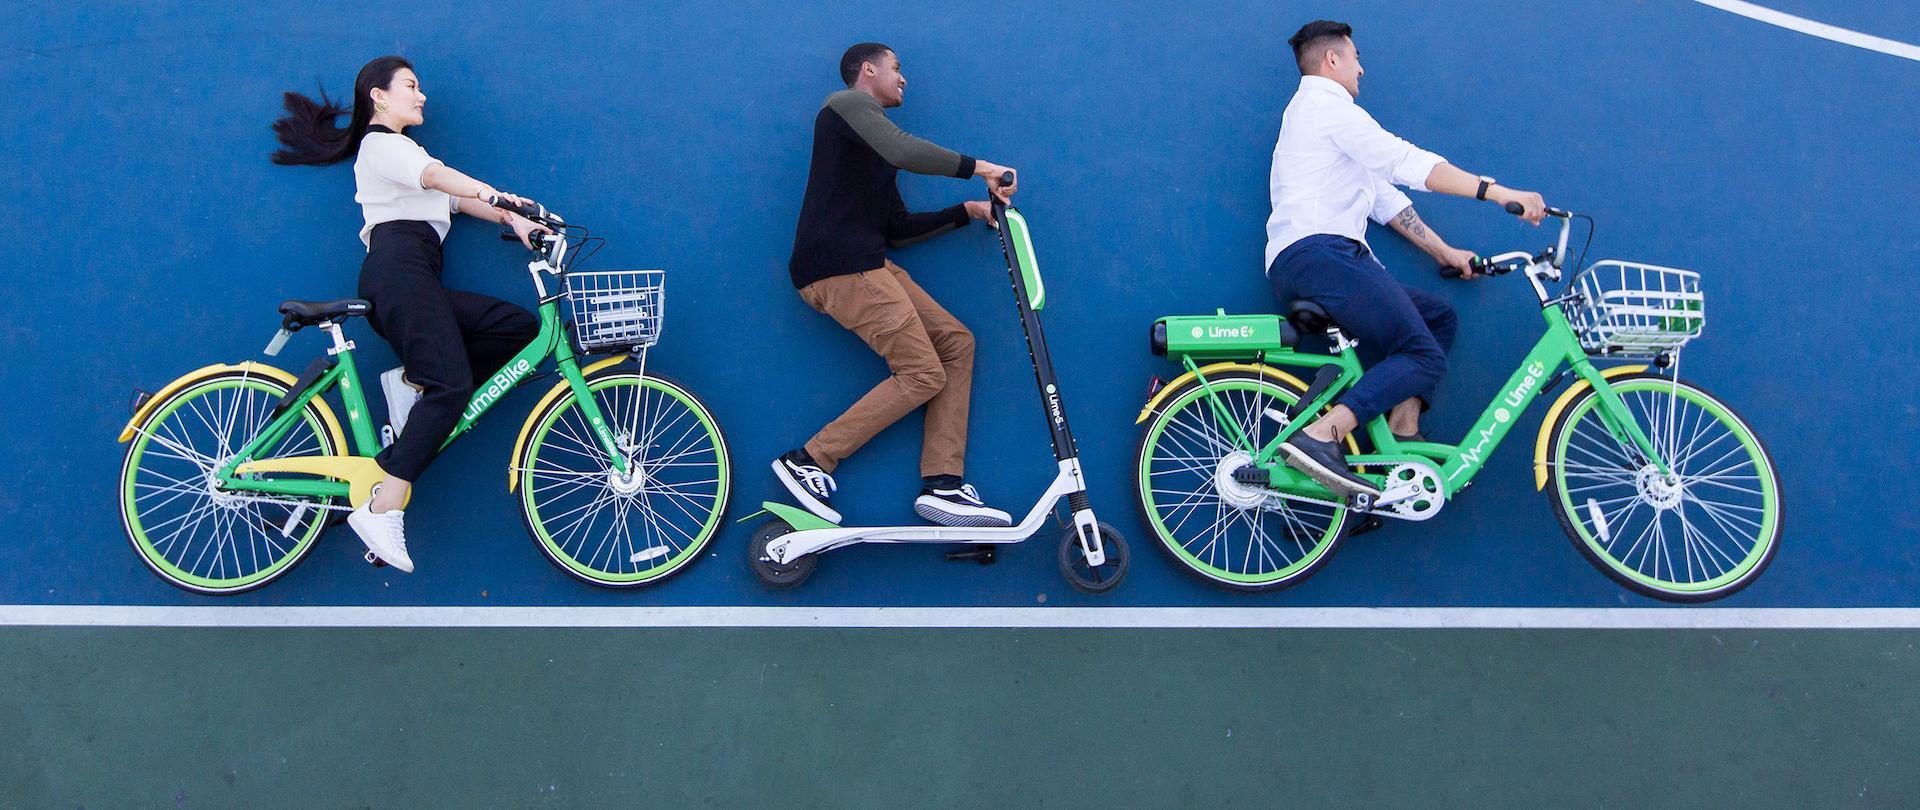 Lime provozuje klasická kola, elektrické koloběžky a kola s pomocným elektrickým pohonem